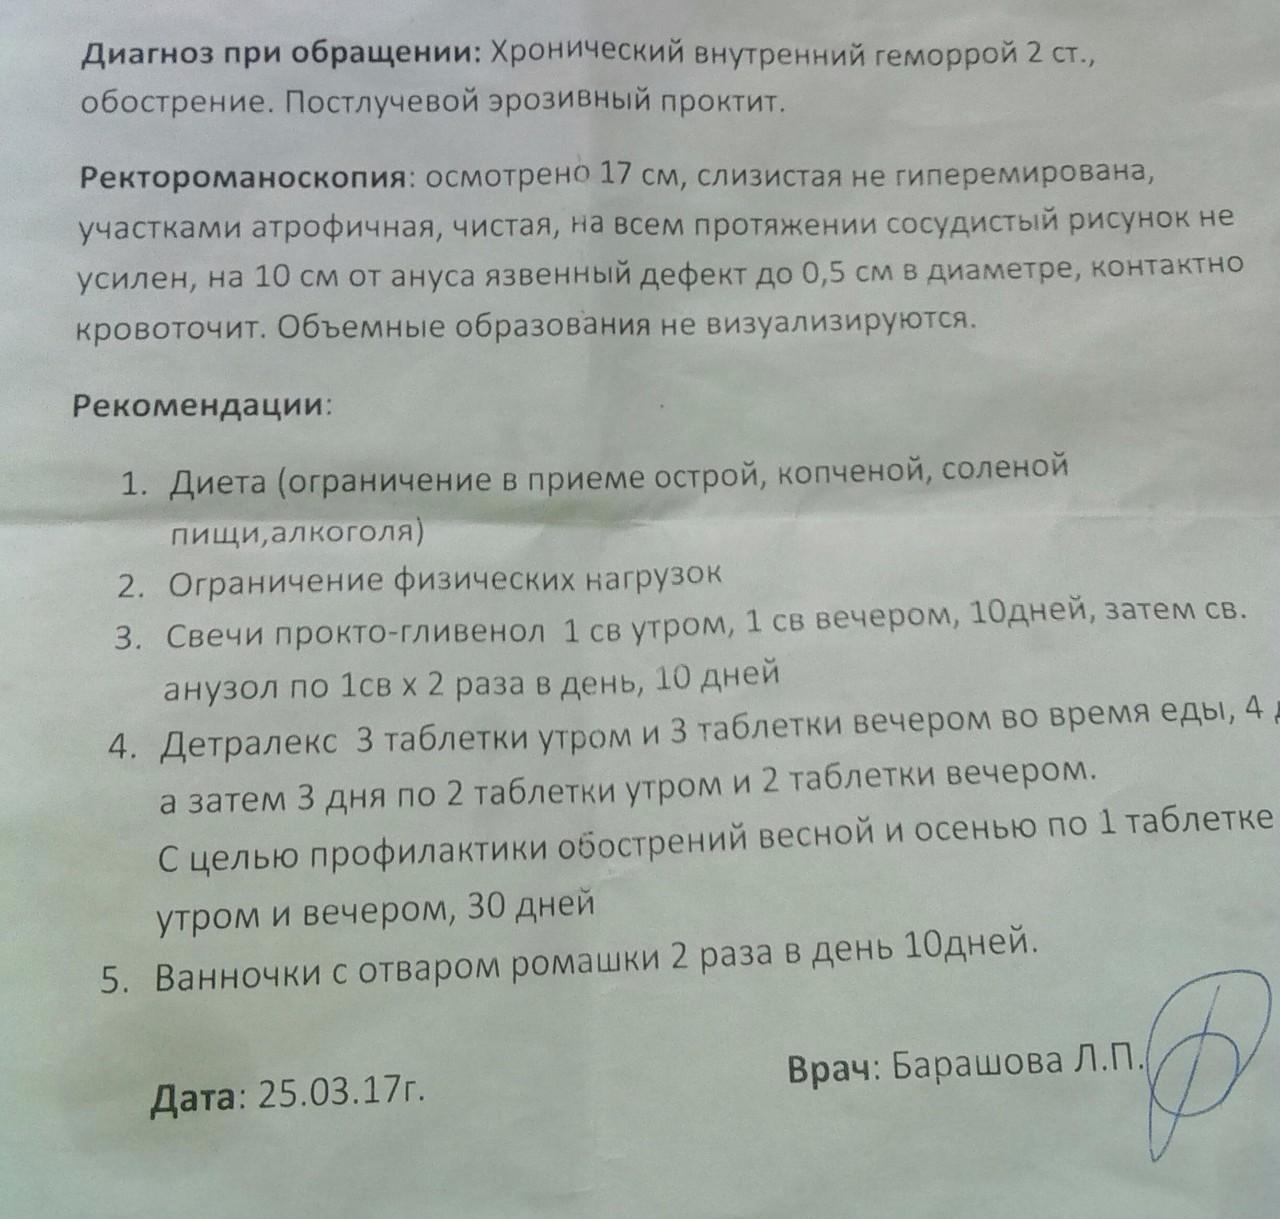 геморрой 3 ст операция